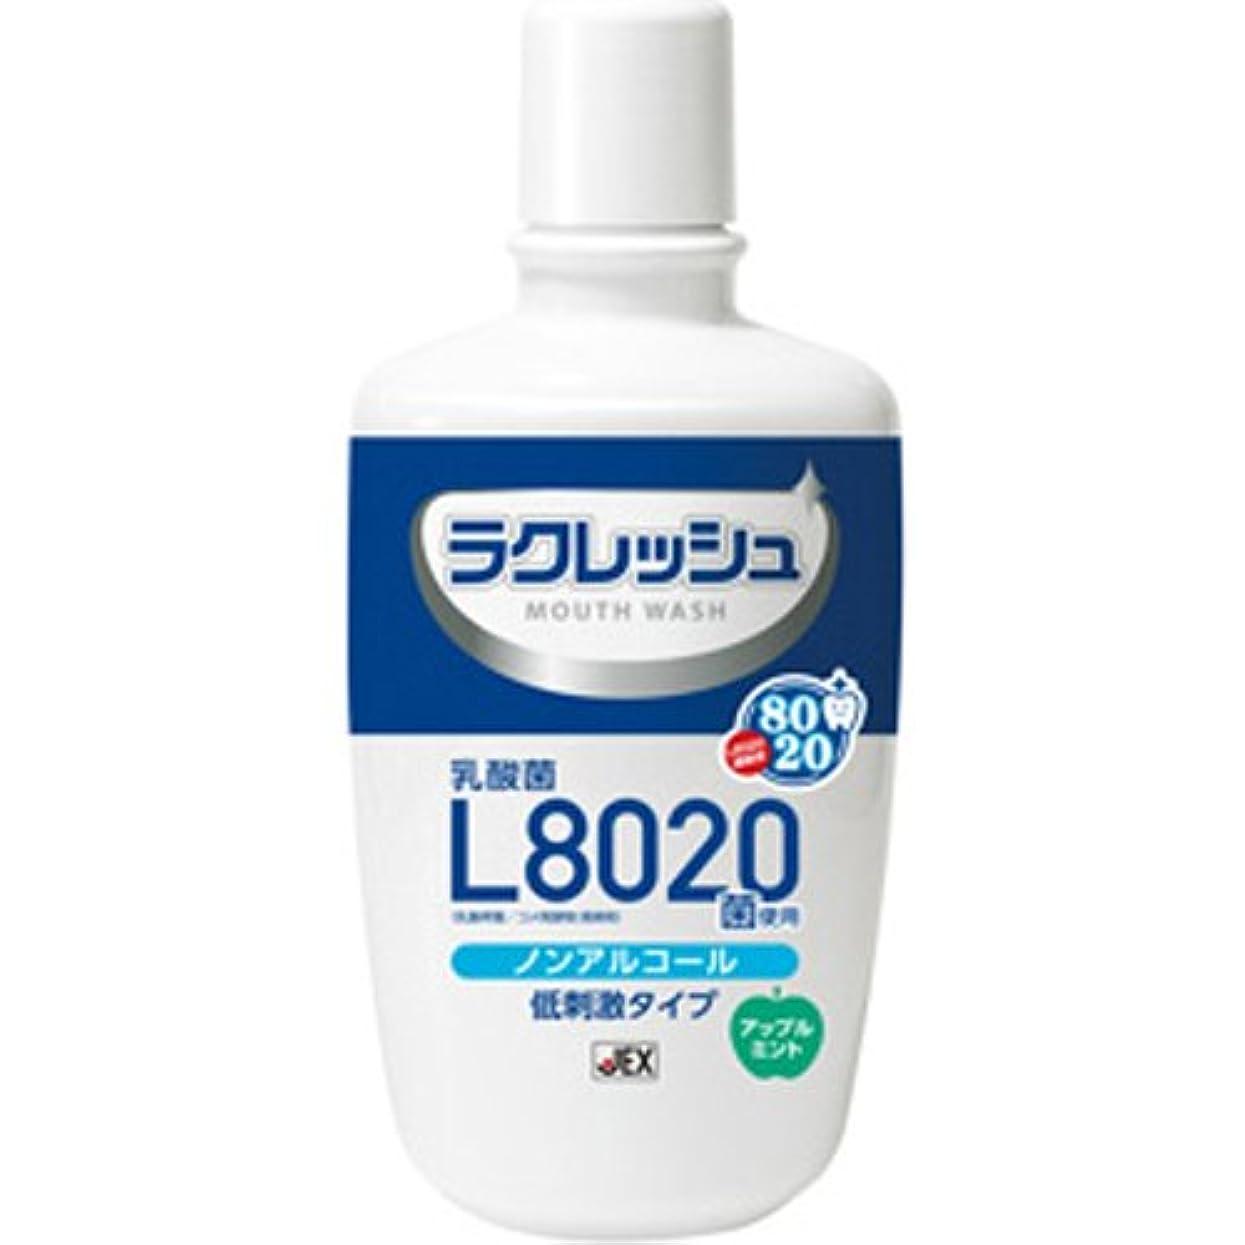 炎上蒸発する明日ラクレッシュ L8020菌入 マウスウォッシュ × 10個セット